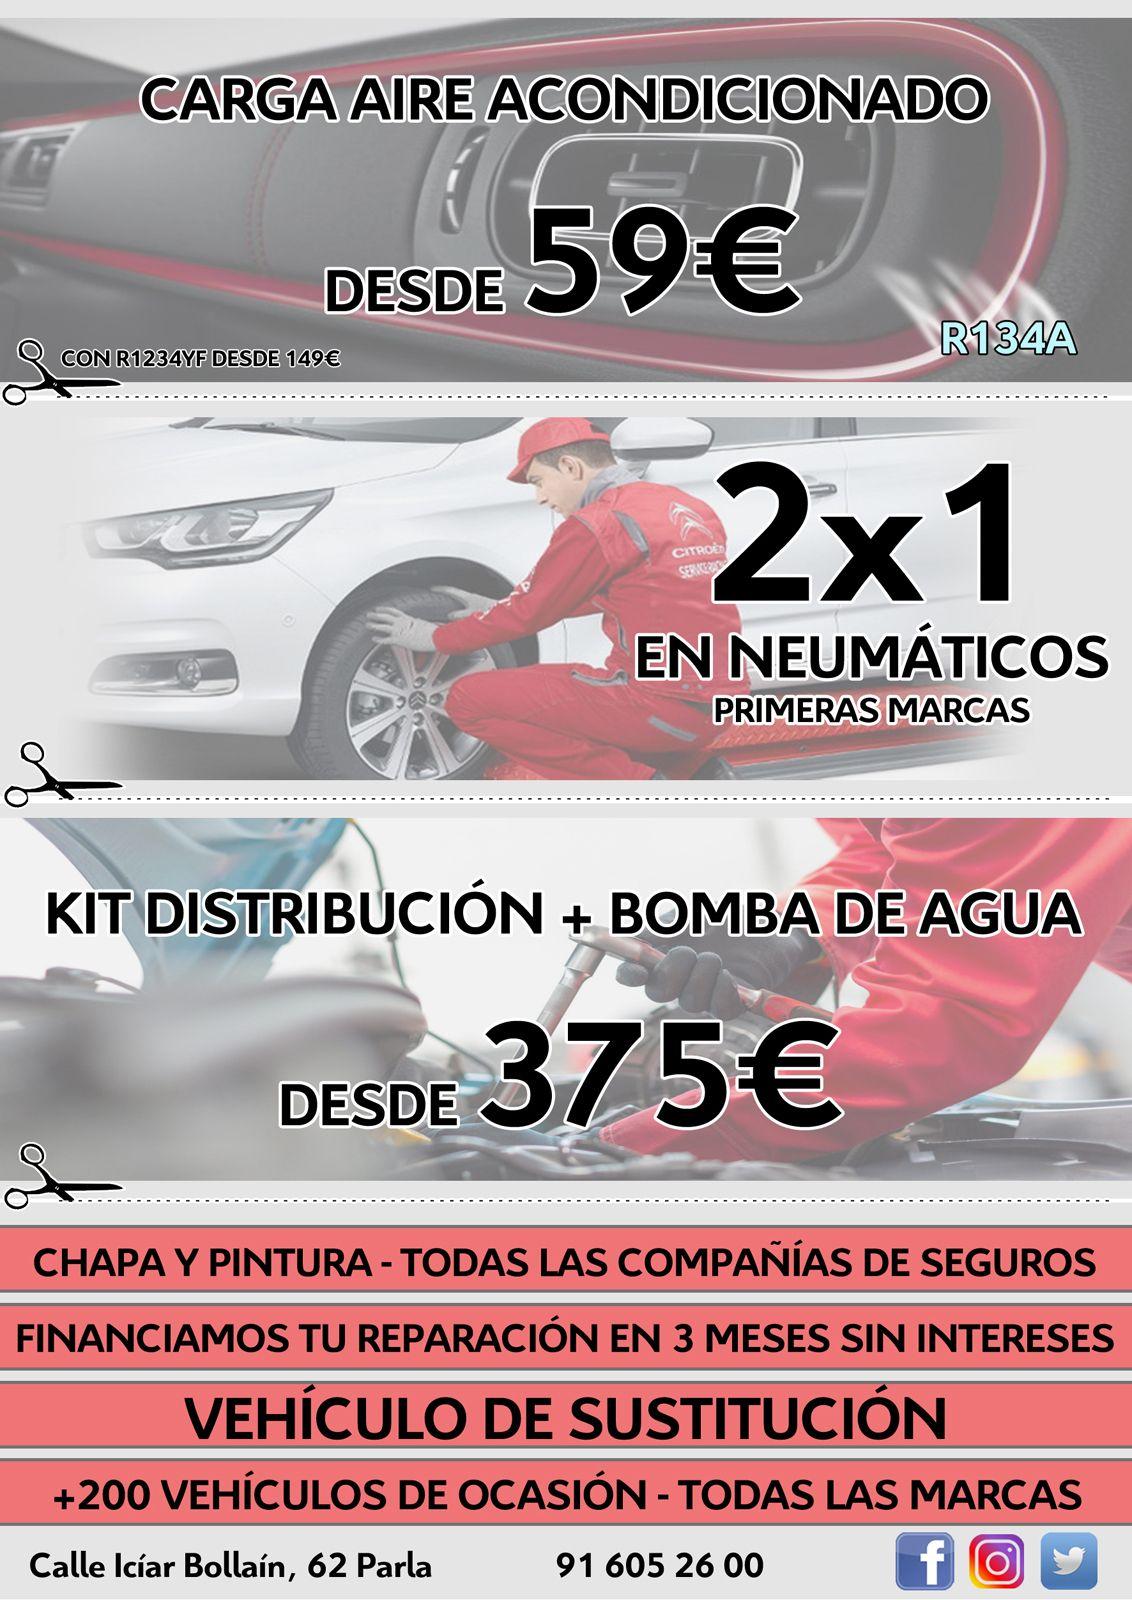 Kit de distribución desde 375€ y mas ofertas